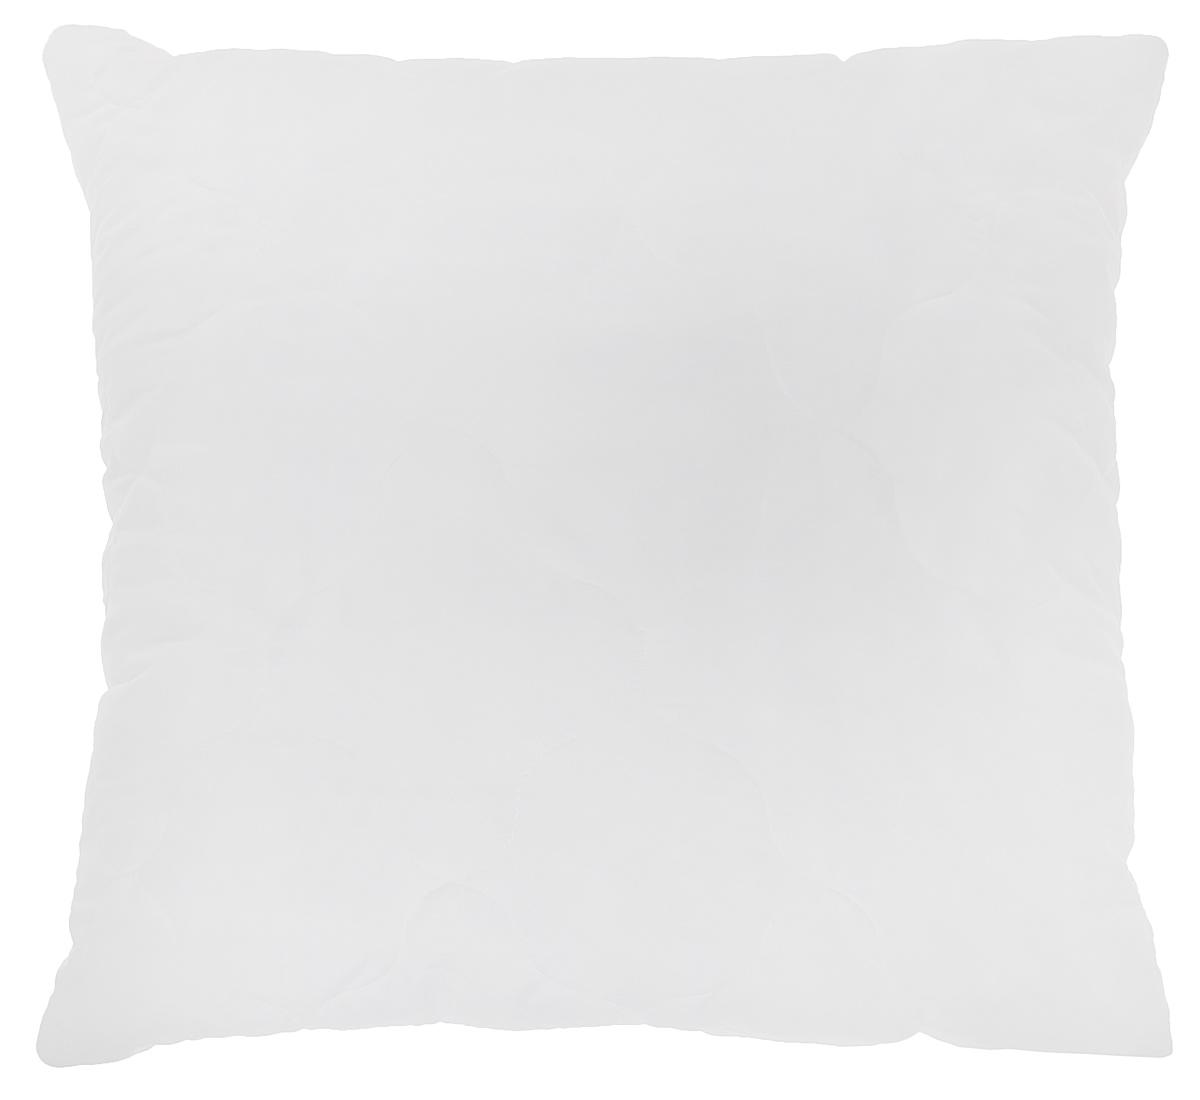 Подушка Sleeper Модена, наполнитель: силиконизированное волокно, цвет: белый, 68 х 68 см03(18)141ЕПодушка Sleeper Модена представляет собой стеганый чехол из полиэстера с наполнителем из силиконизированного волокна. Особенности подушки Sleeper Модена: - не вызывает аллергических реакций; - воздухопроницаема; - не впитывает запахи; - имеет удобную форму. Материал чехла: 100% полиэстер. Наполнитель: шарики из силиконизированного волокна. Вес наполнителя: 300 г.